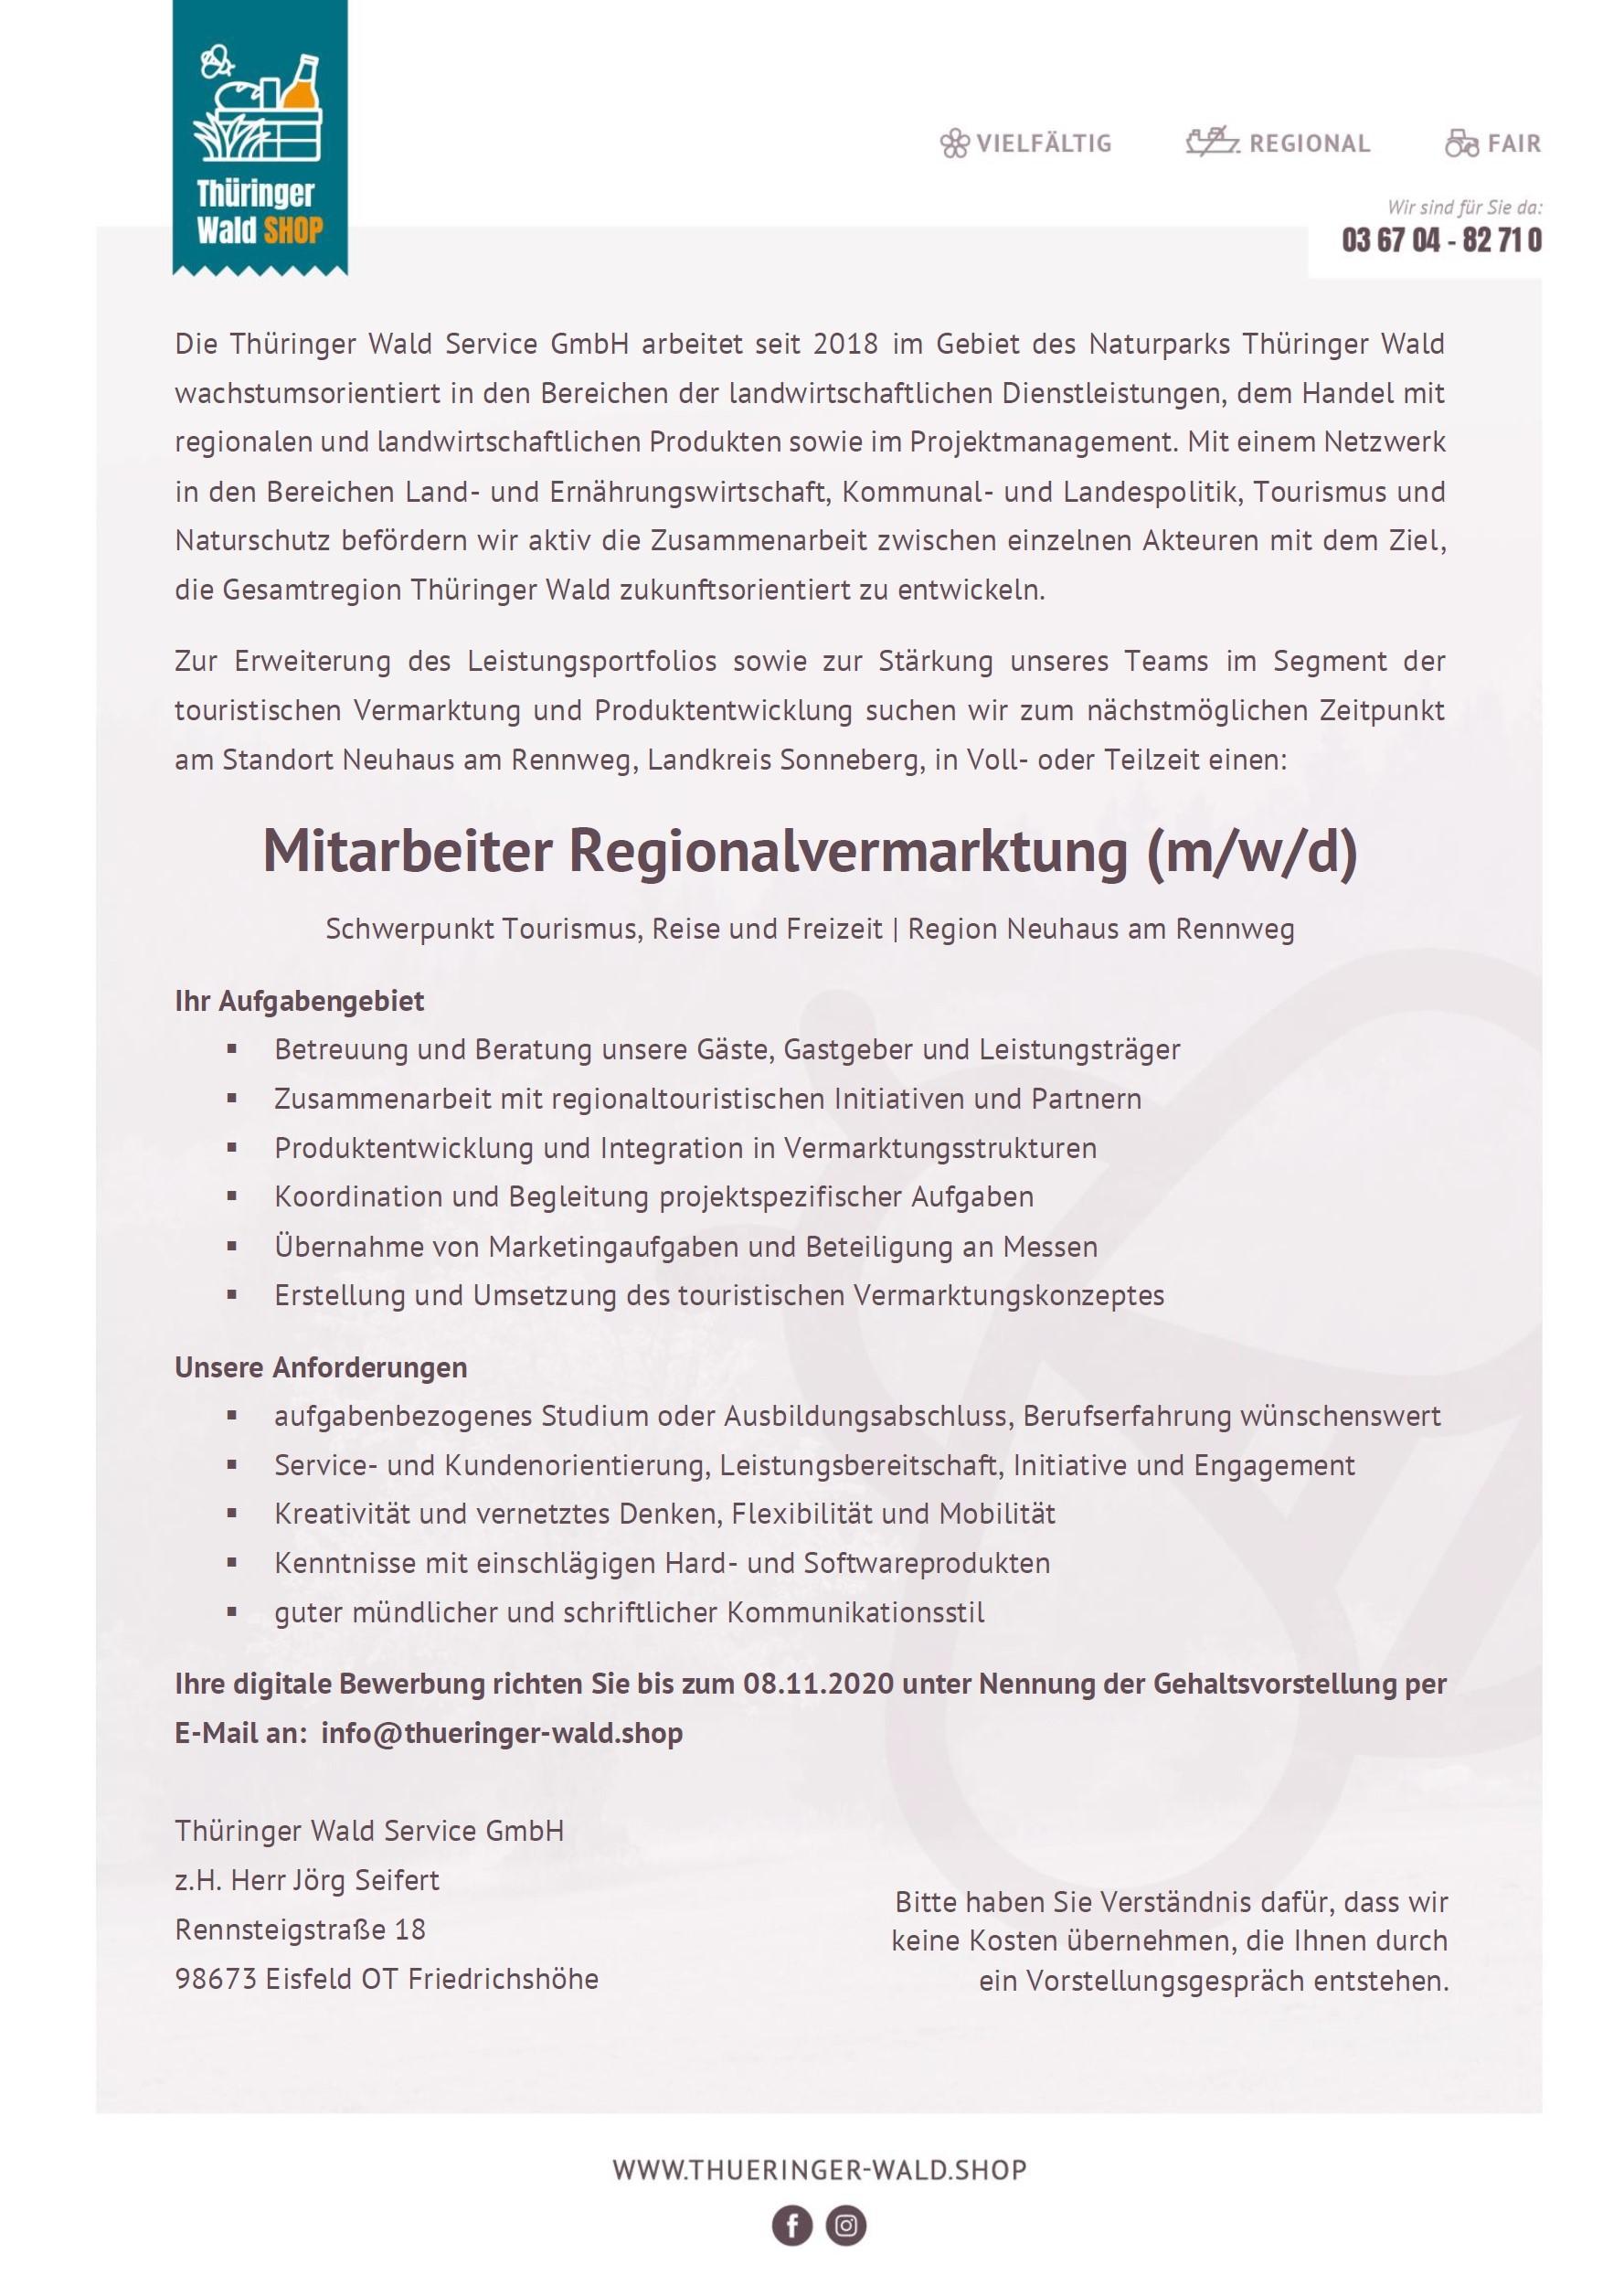 Stellenausschreibung_TWS_Regionalvermarktung